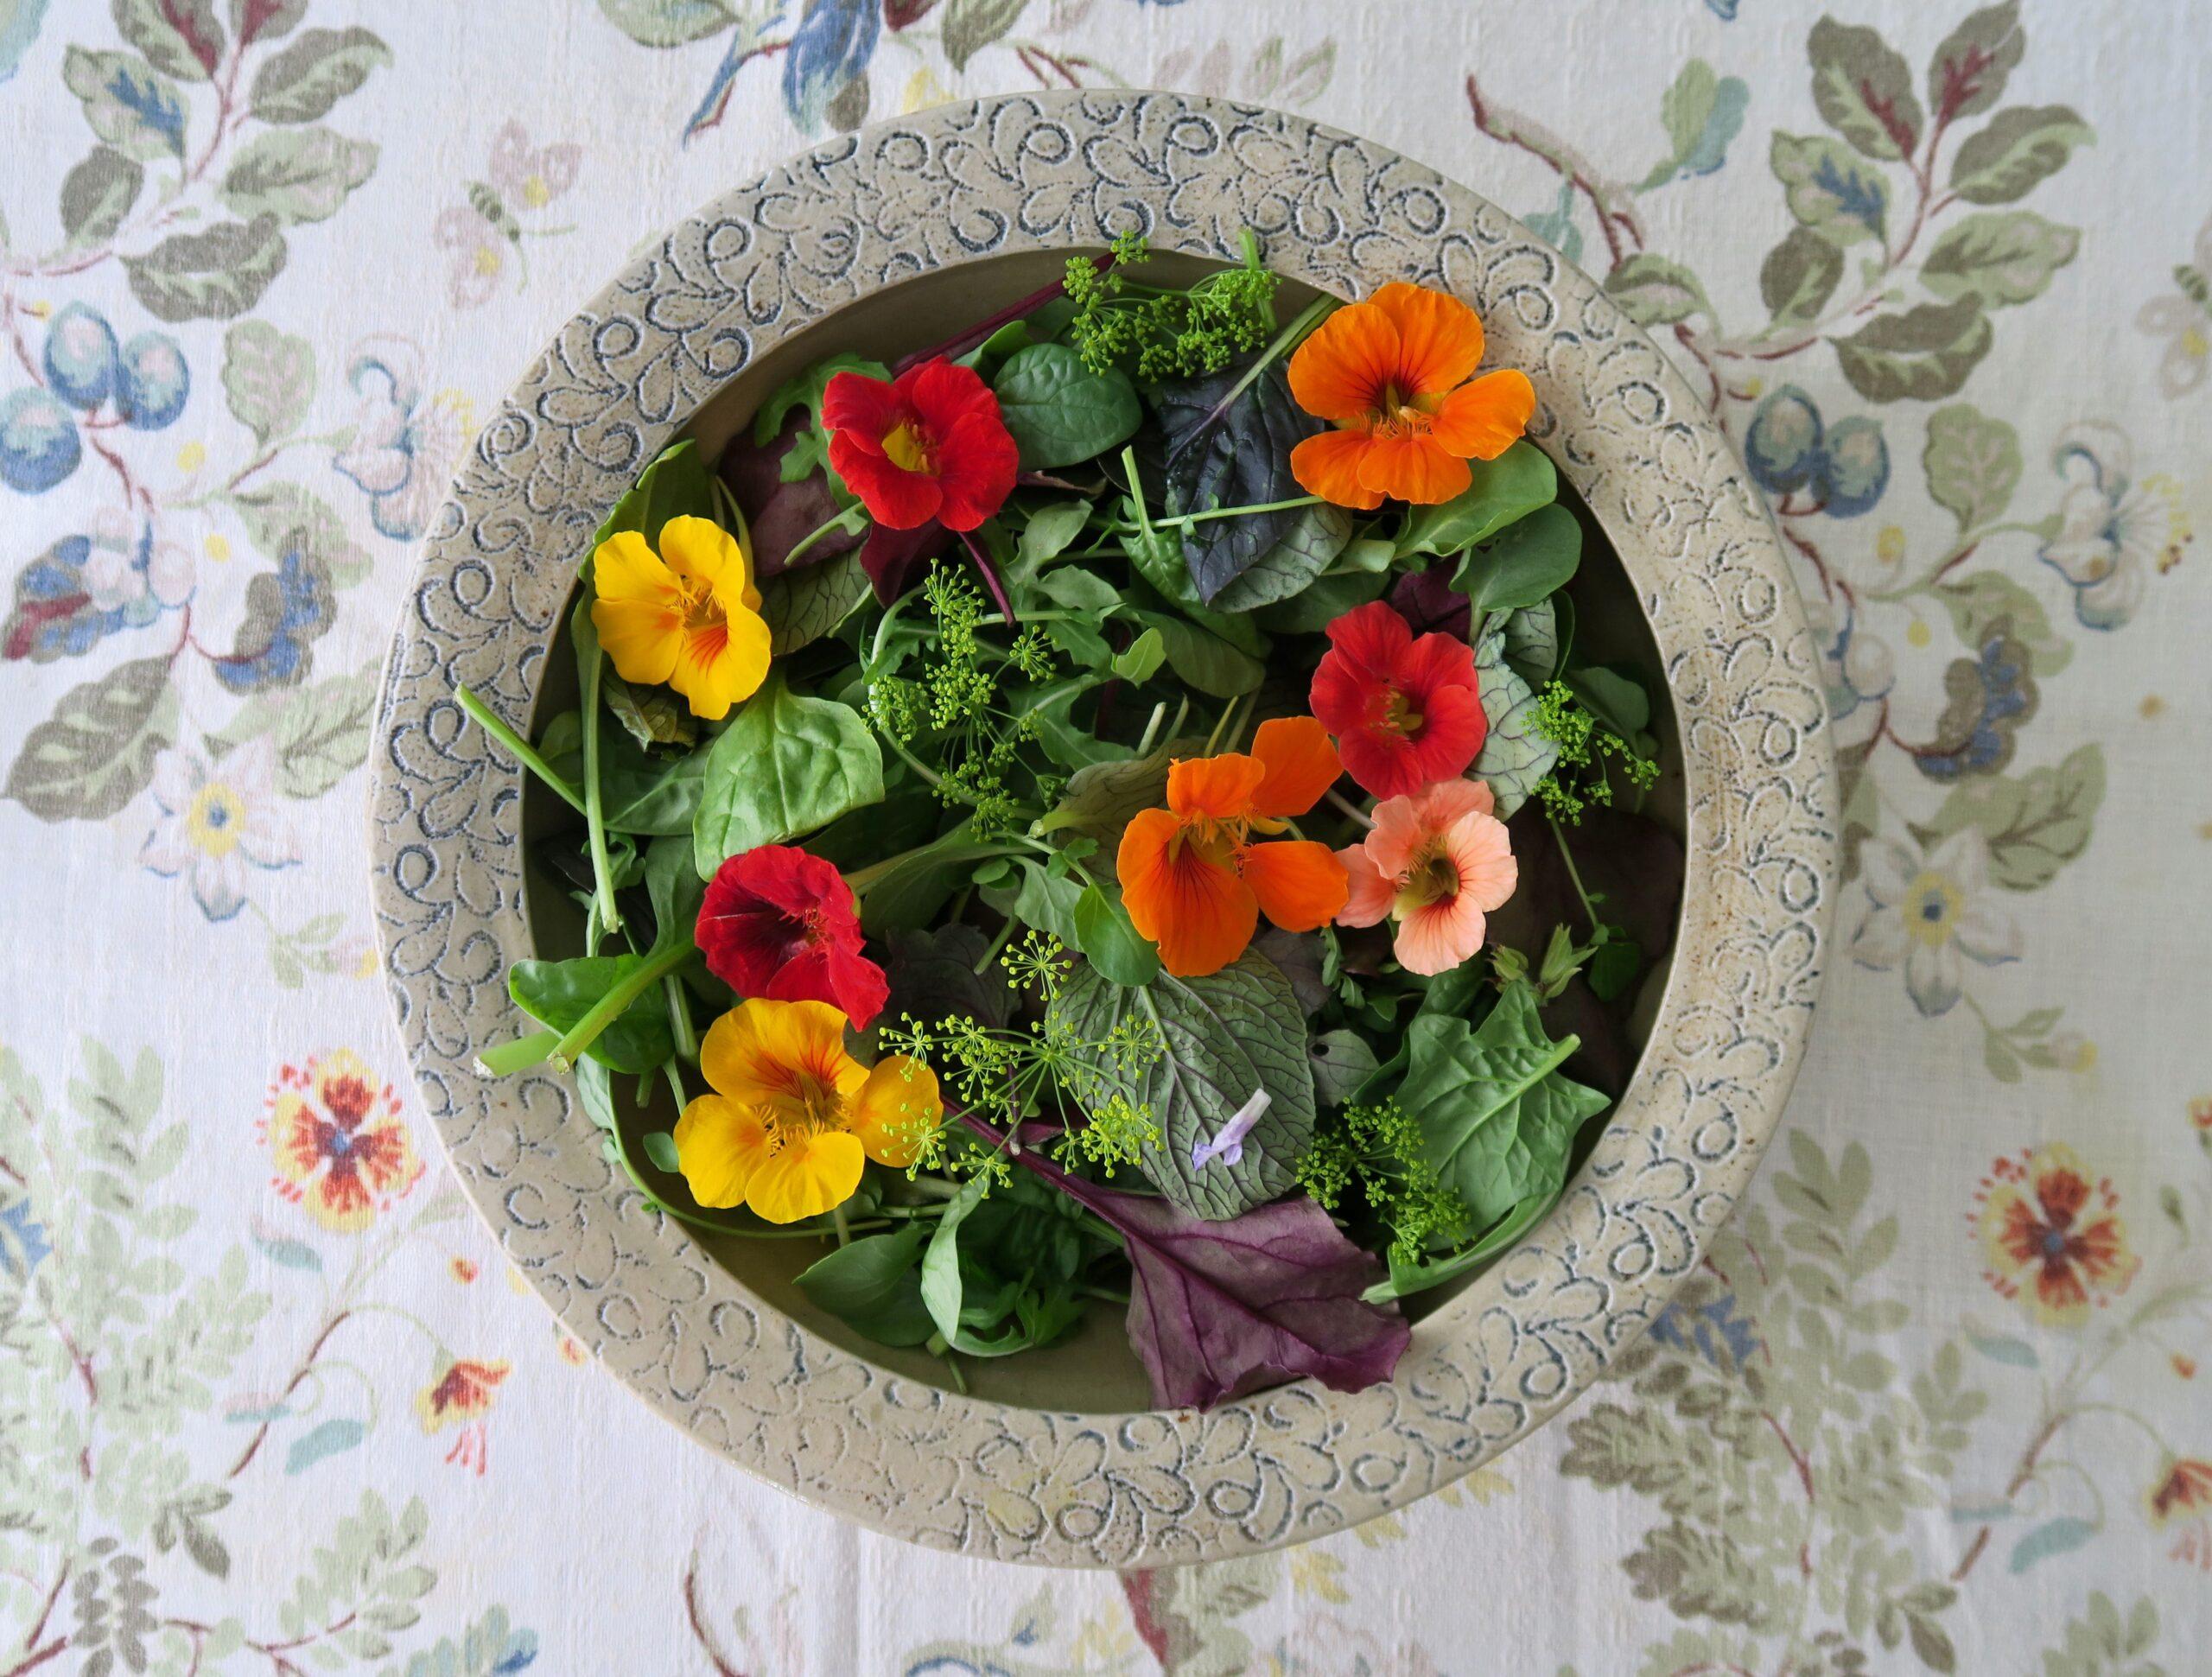 Blattsalat essbare Blüten